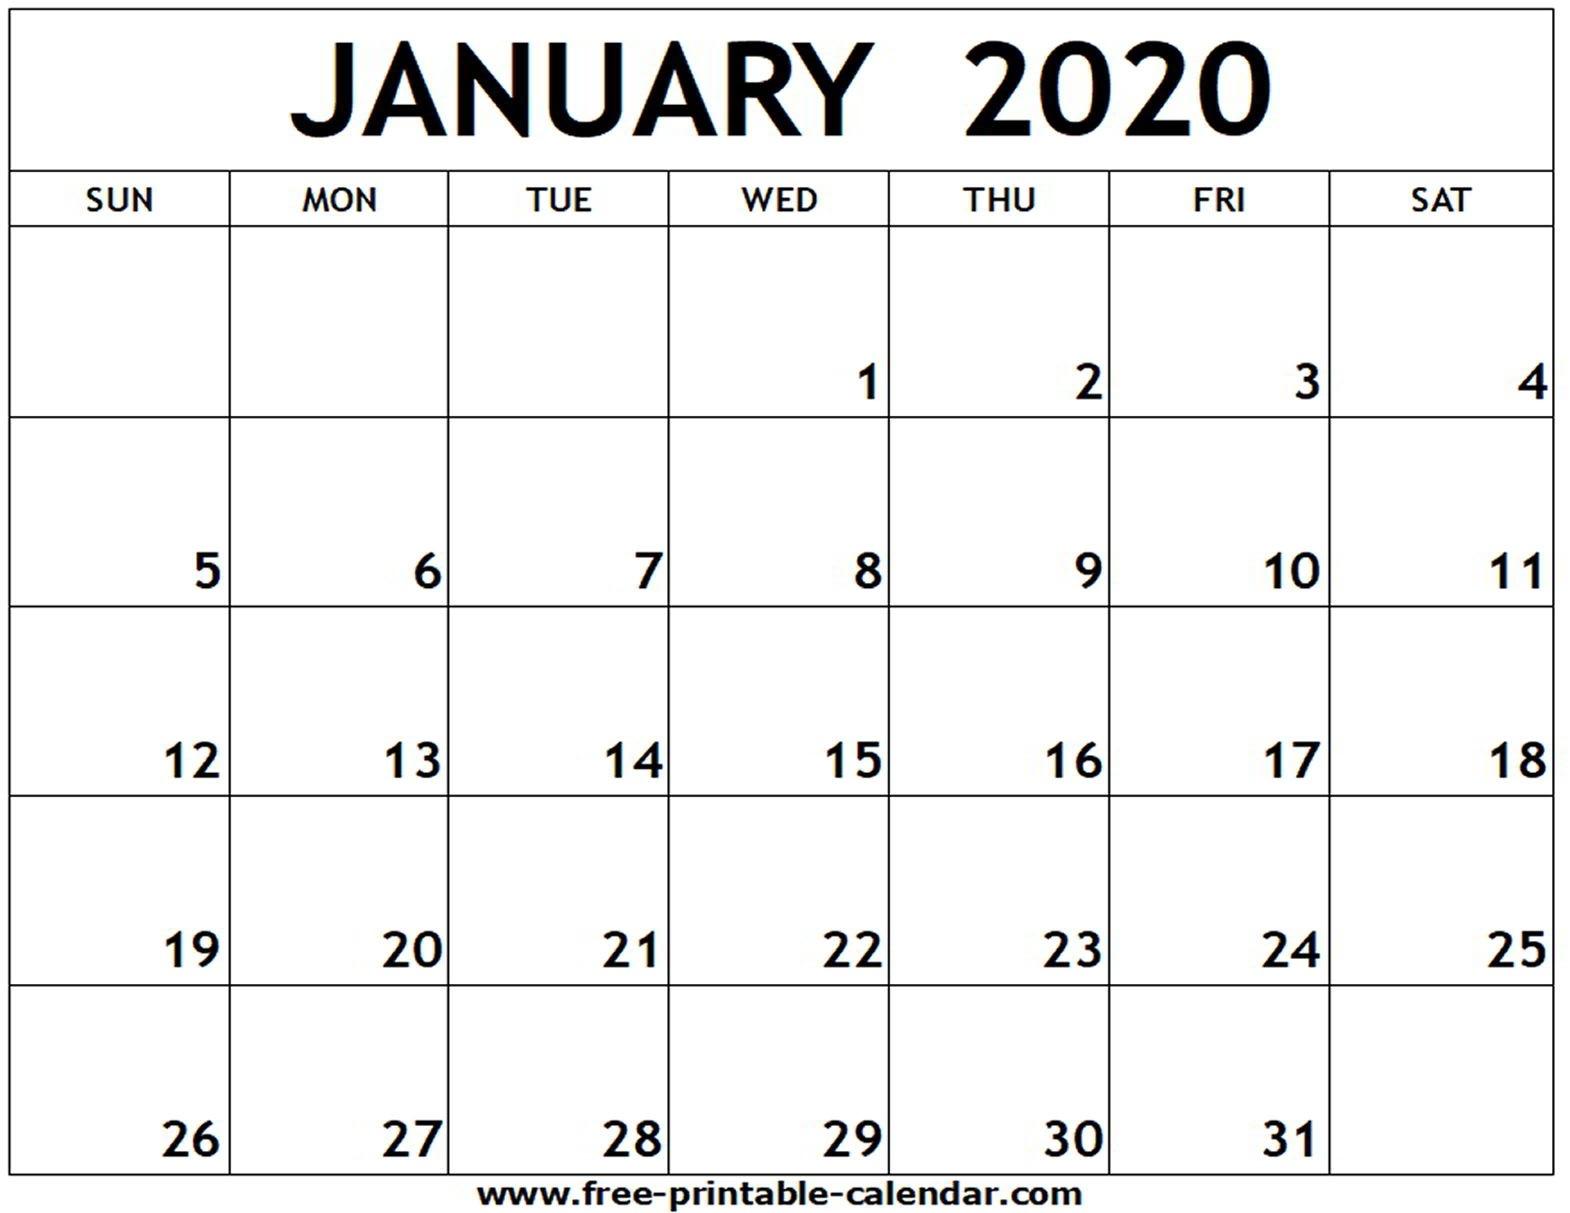 January 2020 Printable Calendar - Free-Printable-Calendar-January 2020 Calendar Editable